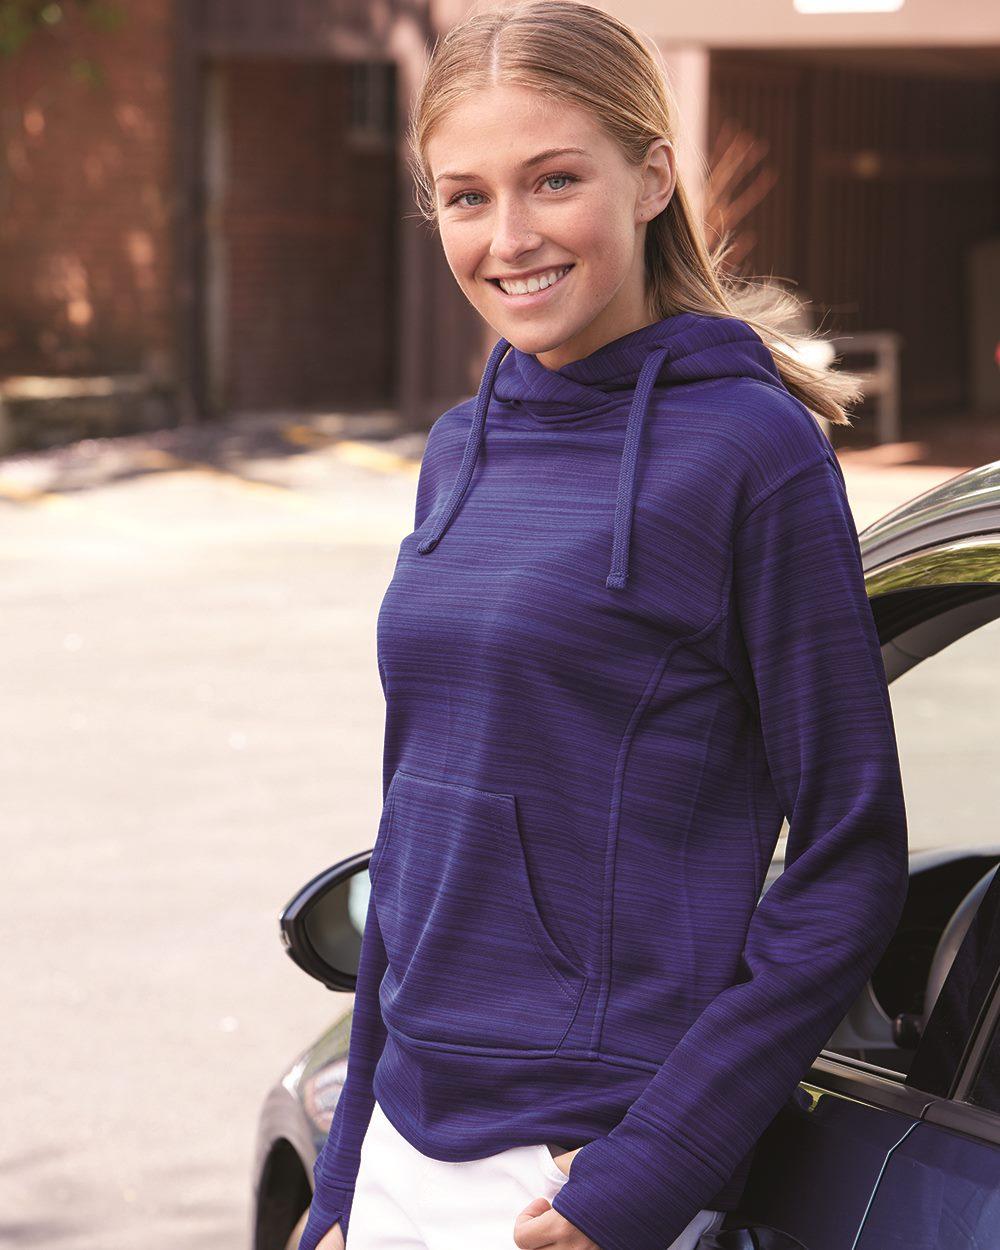 J.America 8662 - Women's Odyssey Striped Performance Fleece Hooded Pullover Sweatshirt